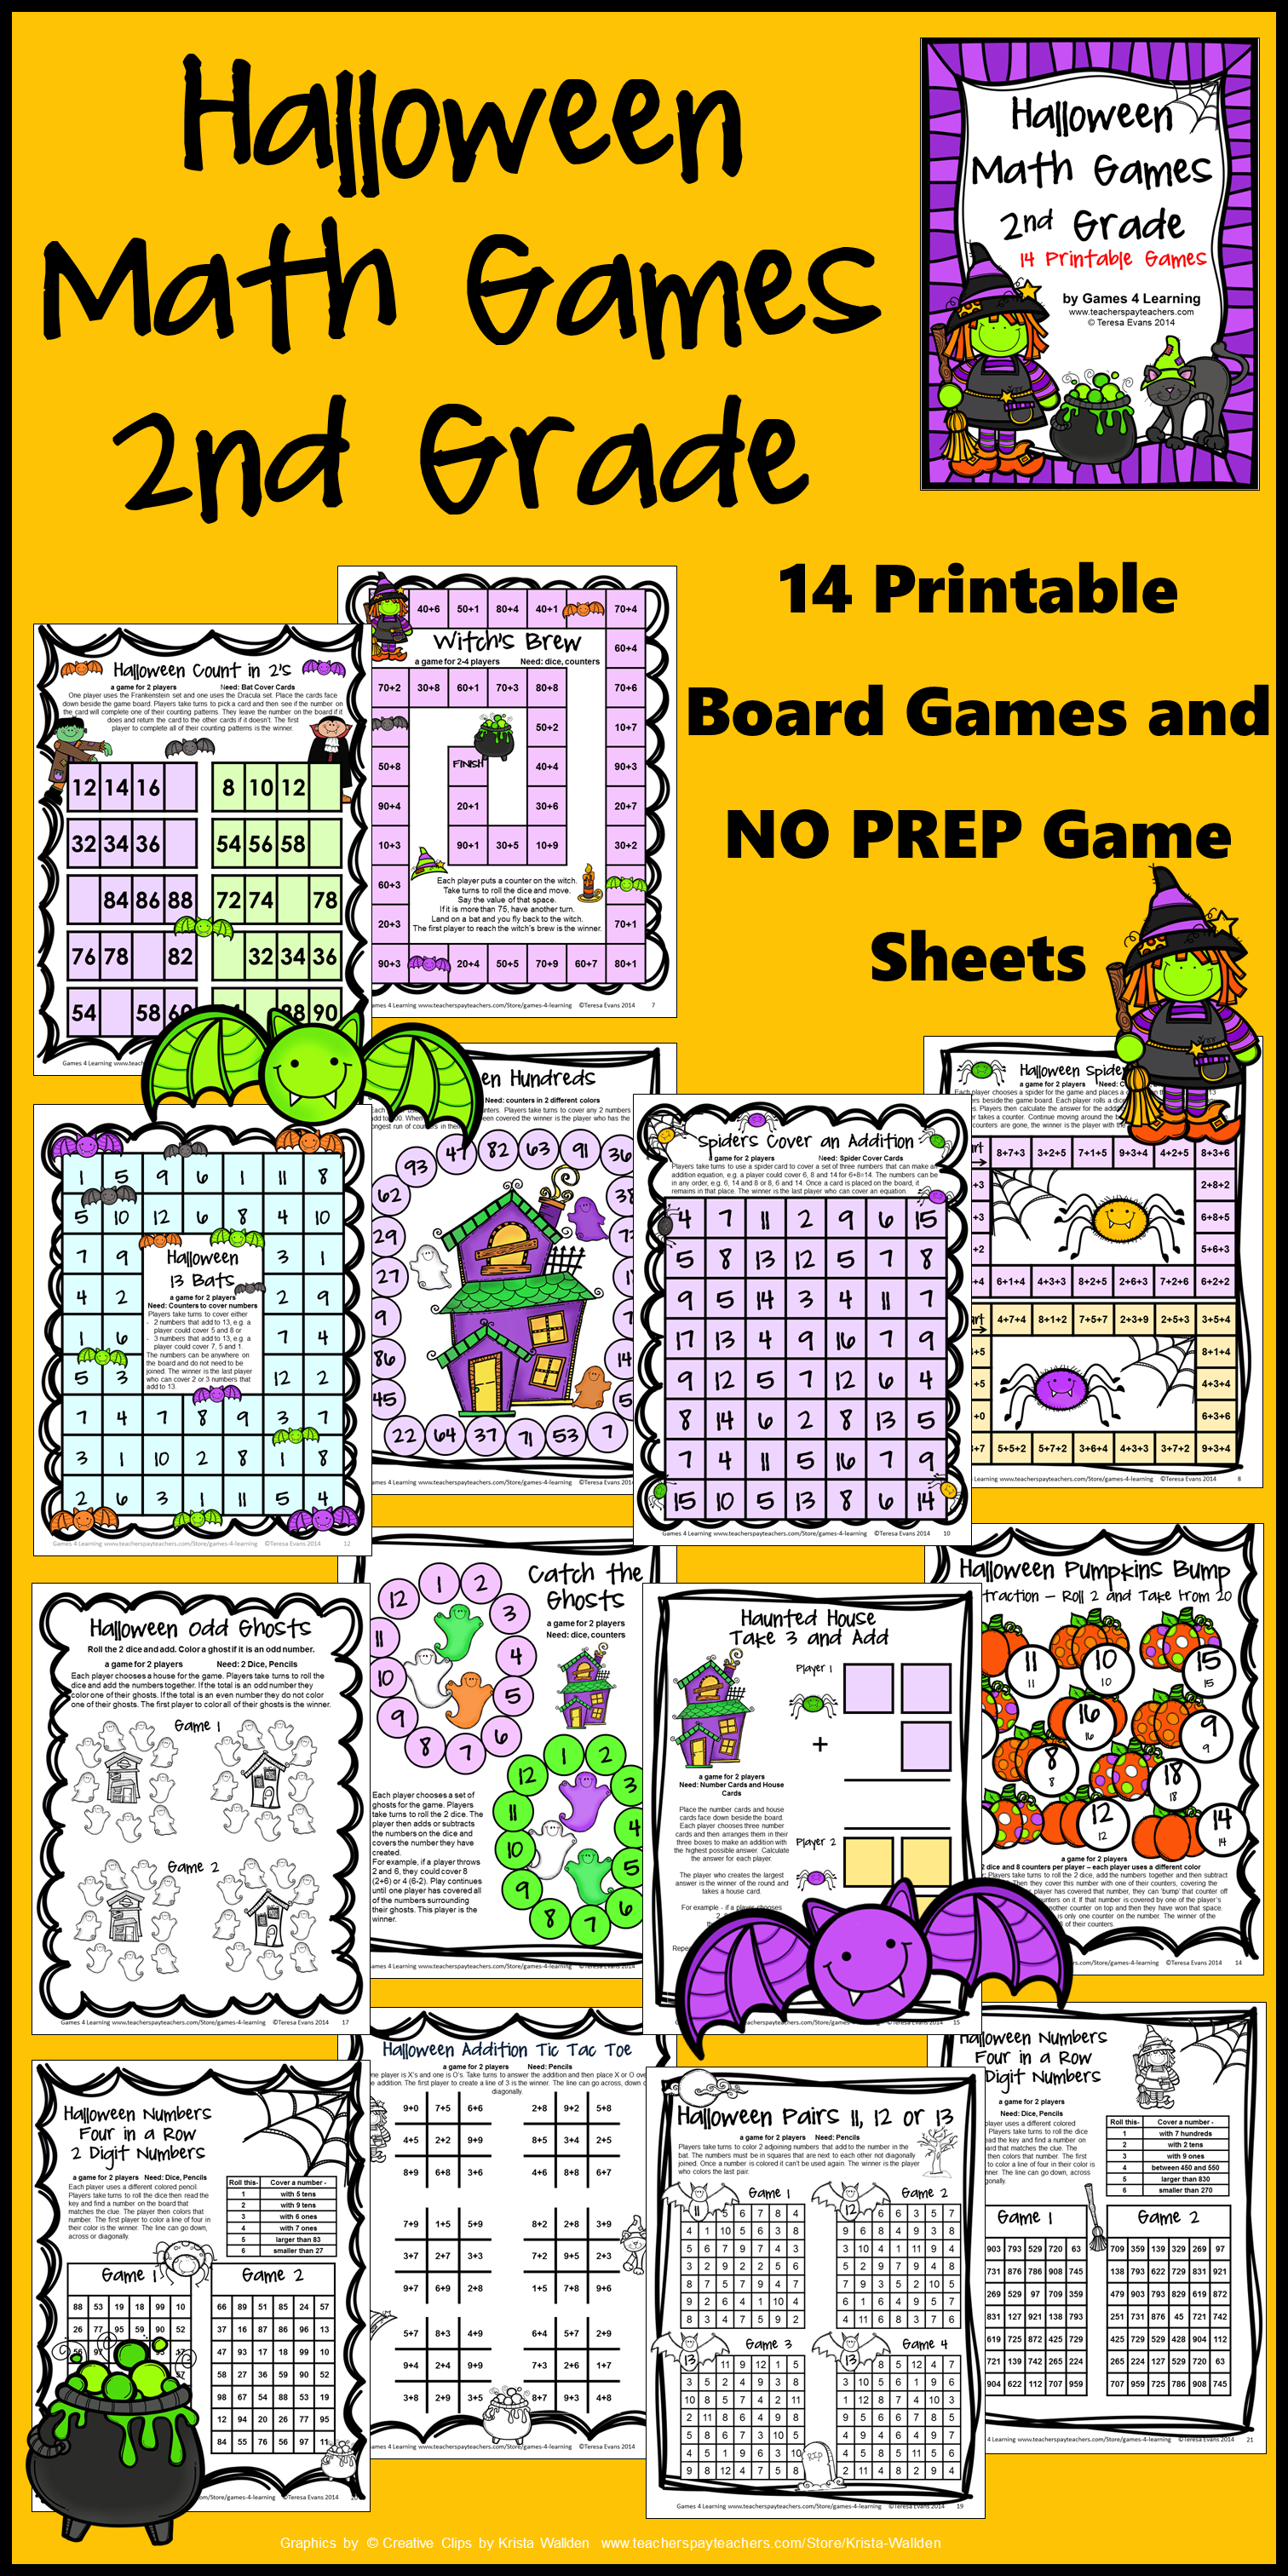 Halloween Math Games Second Grade: Fun Halloween Activities | Math ...